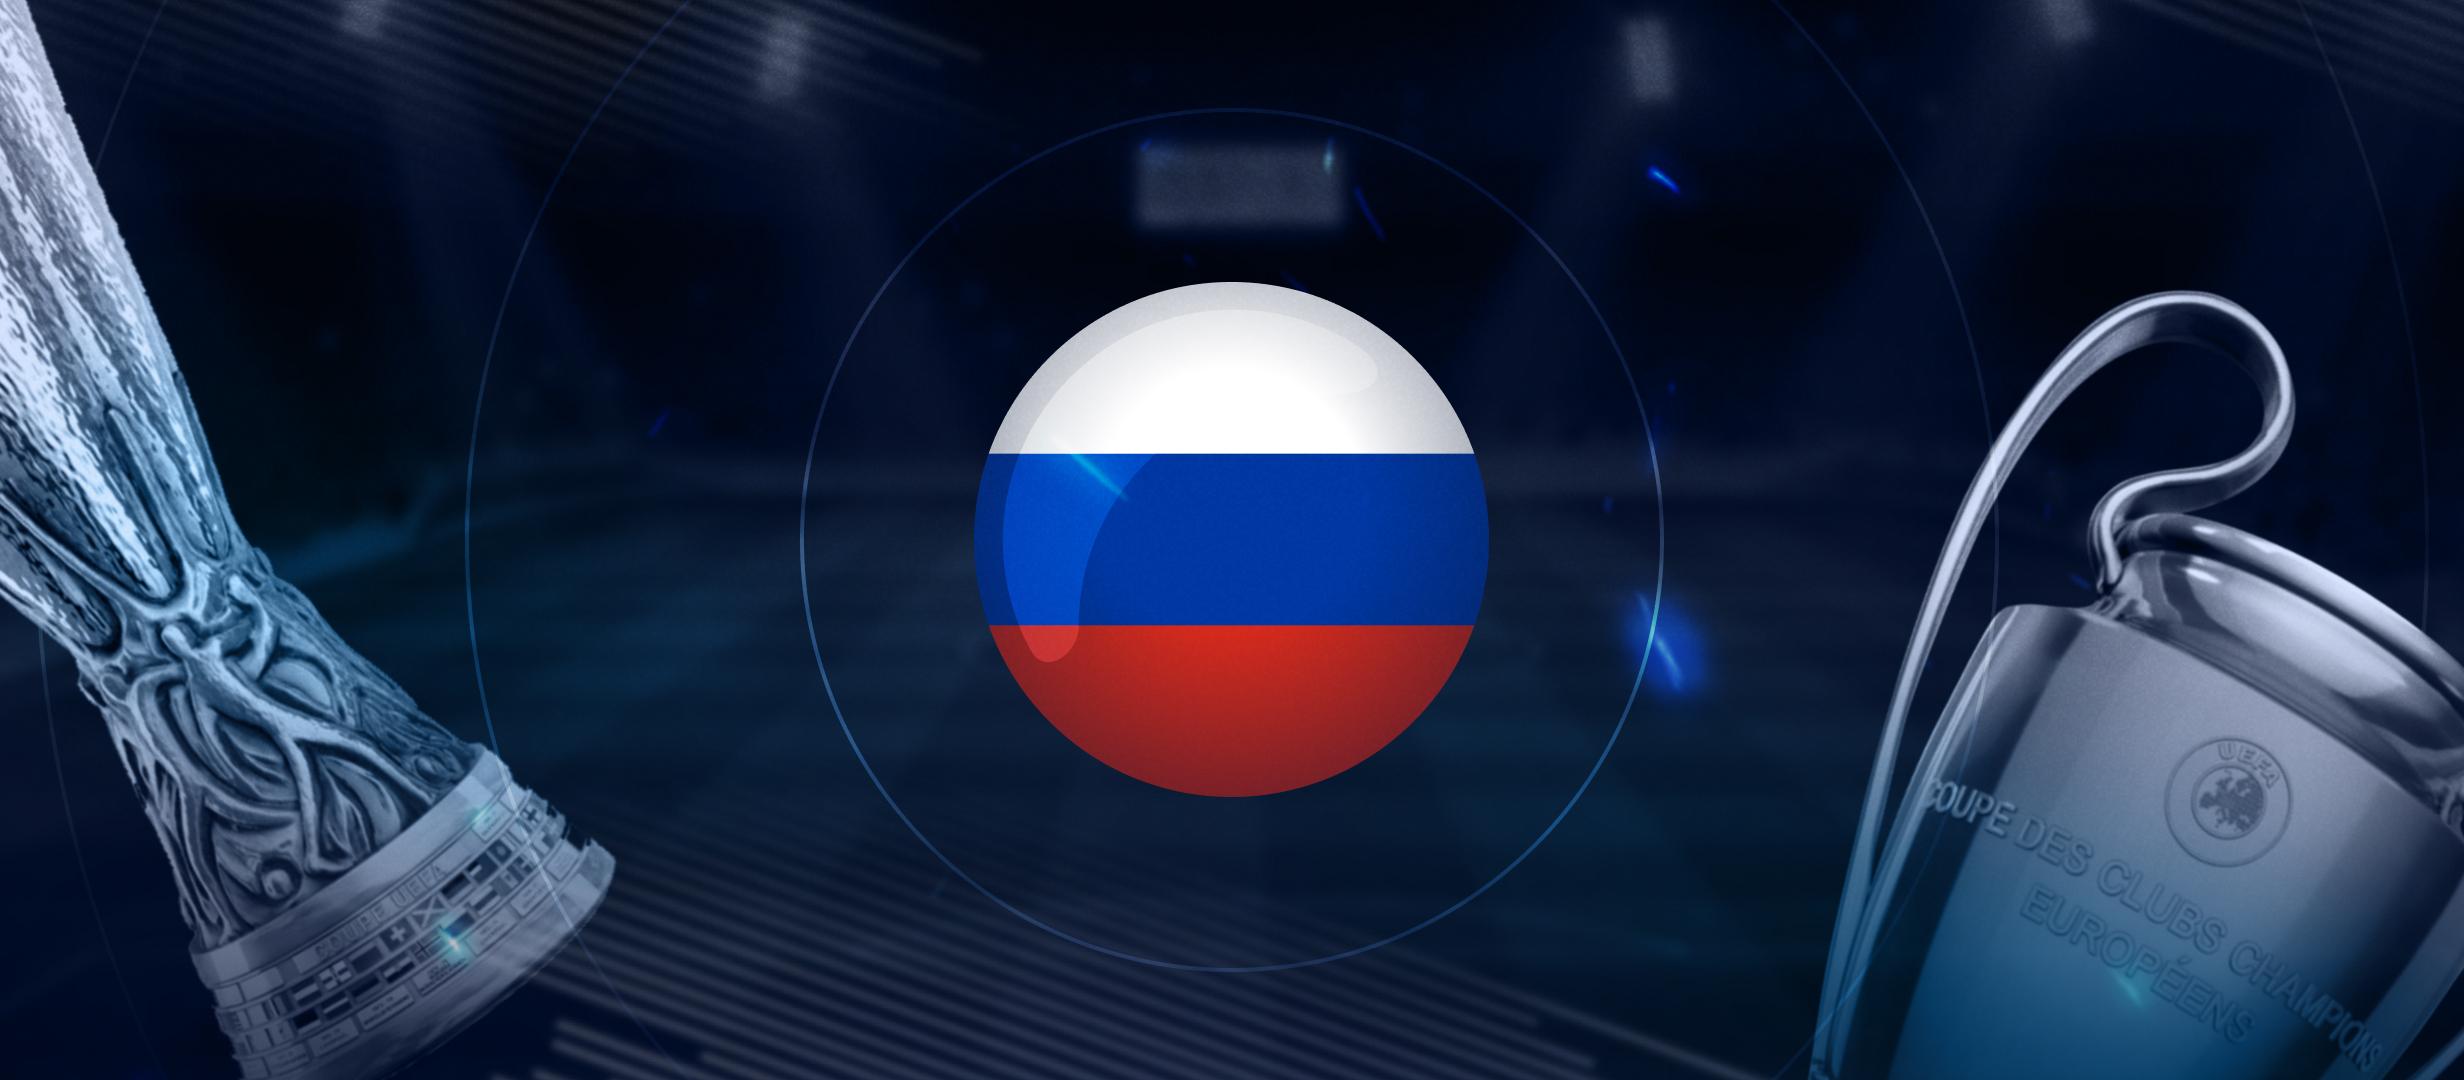 Российские клубы в Европе: у кого больше шансов прервать серию без побед?